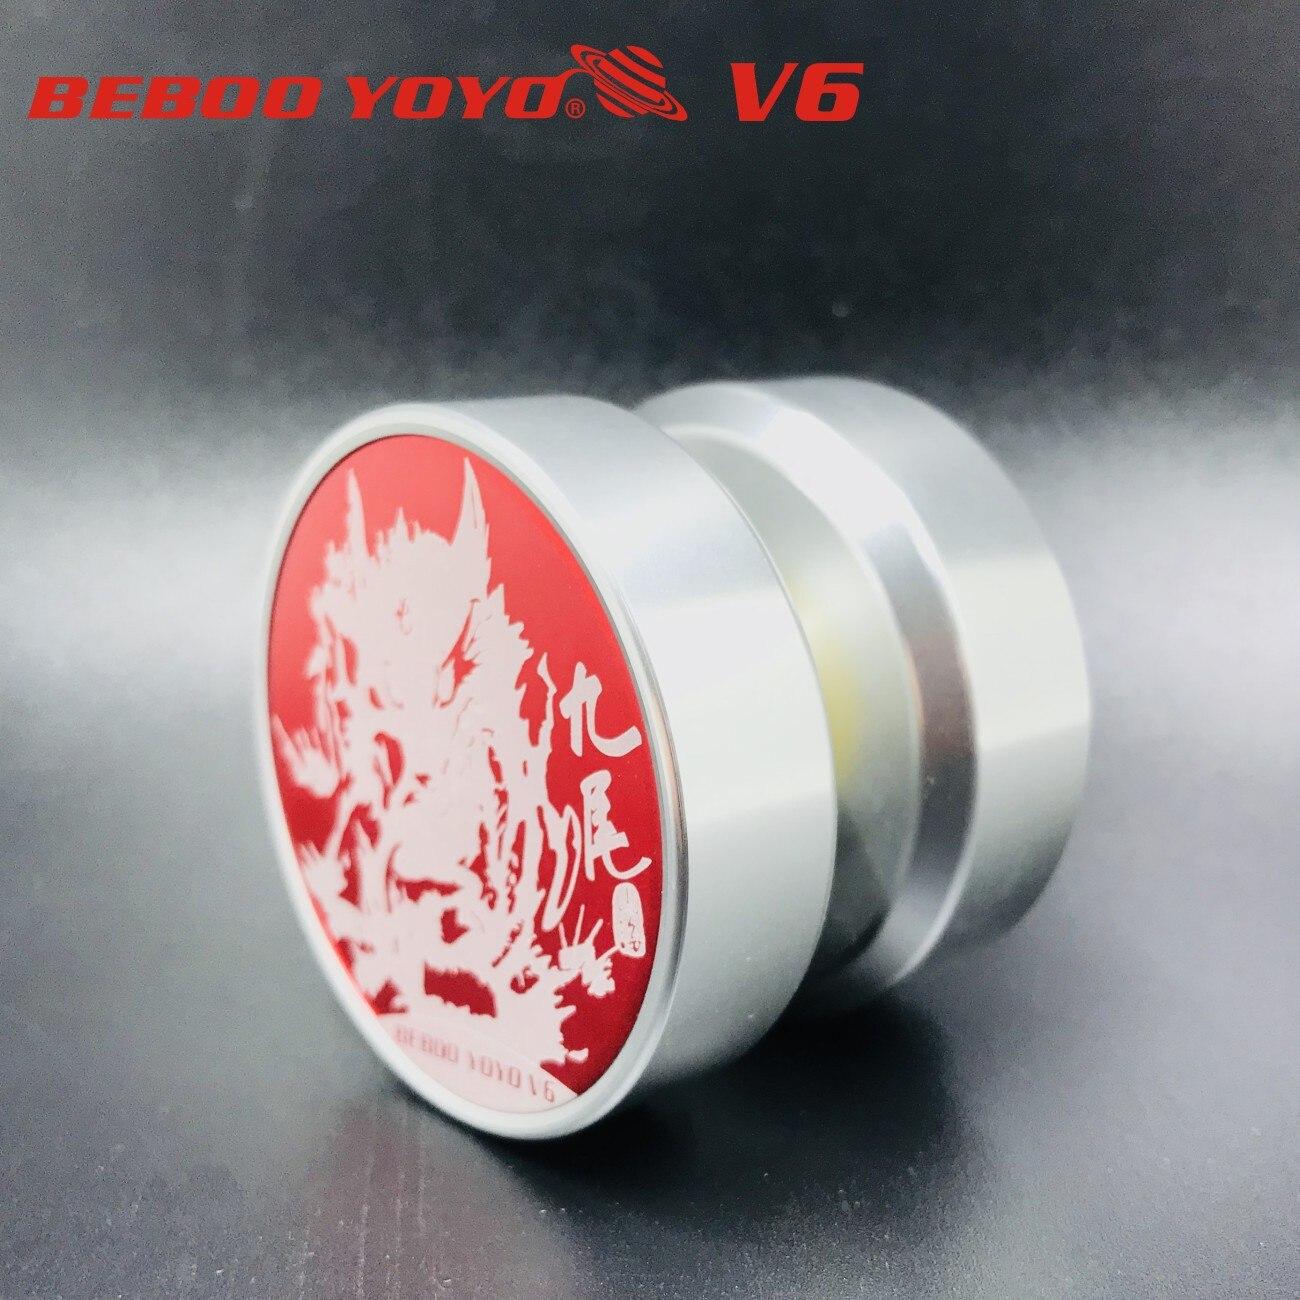 Детская игрушка YO-YO beboo йо-йо V6 красный девять хвост YO-YO игрушка мяч экспорт